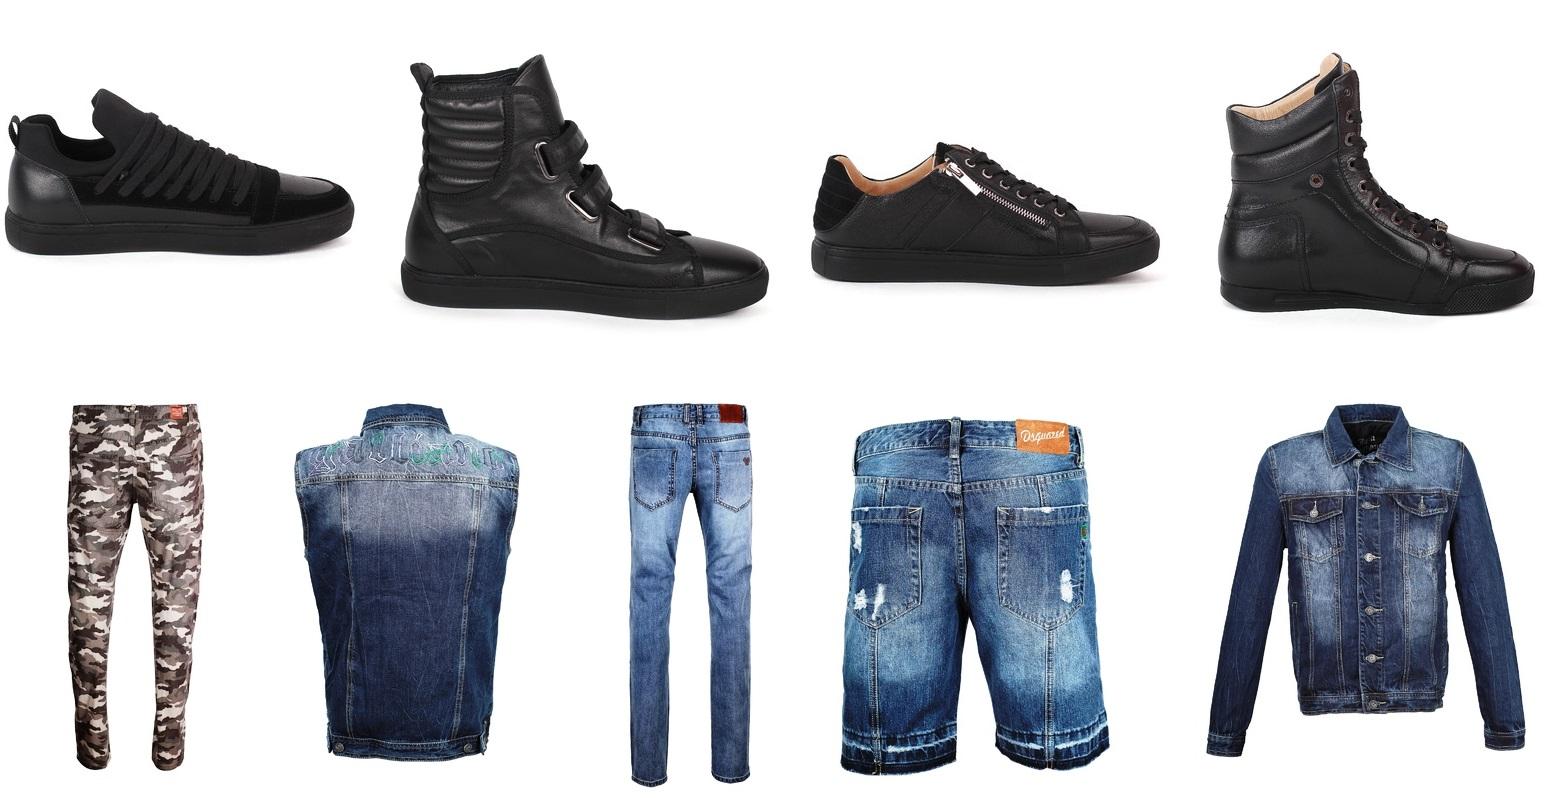 Брендовая мужская одежда и обувь - джинсы, шорты, футболки, куртки.